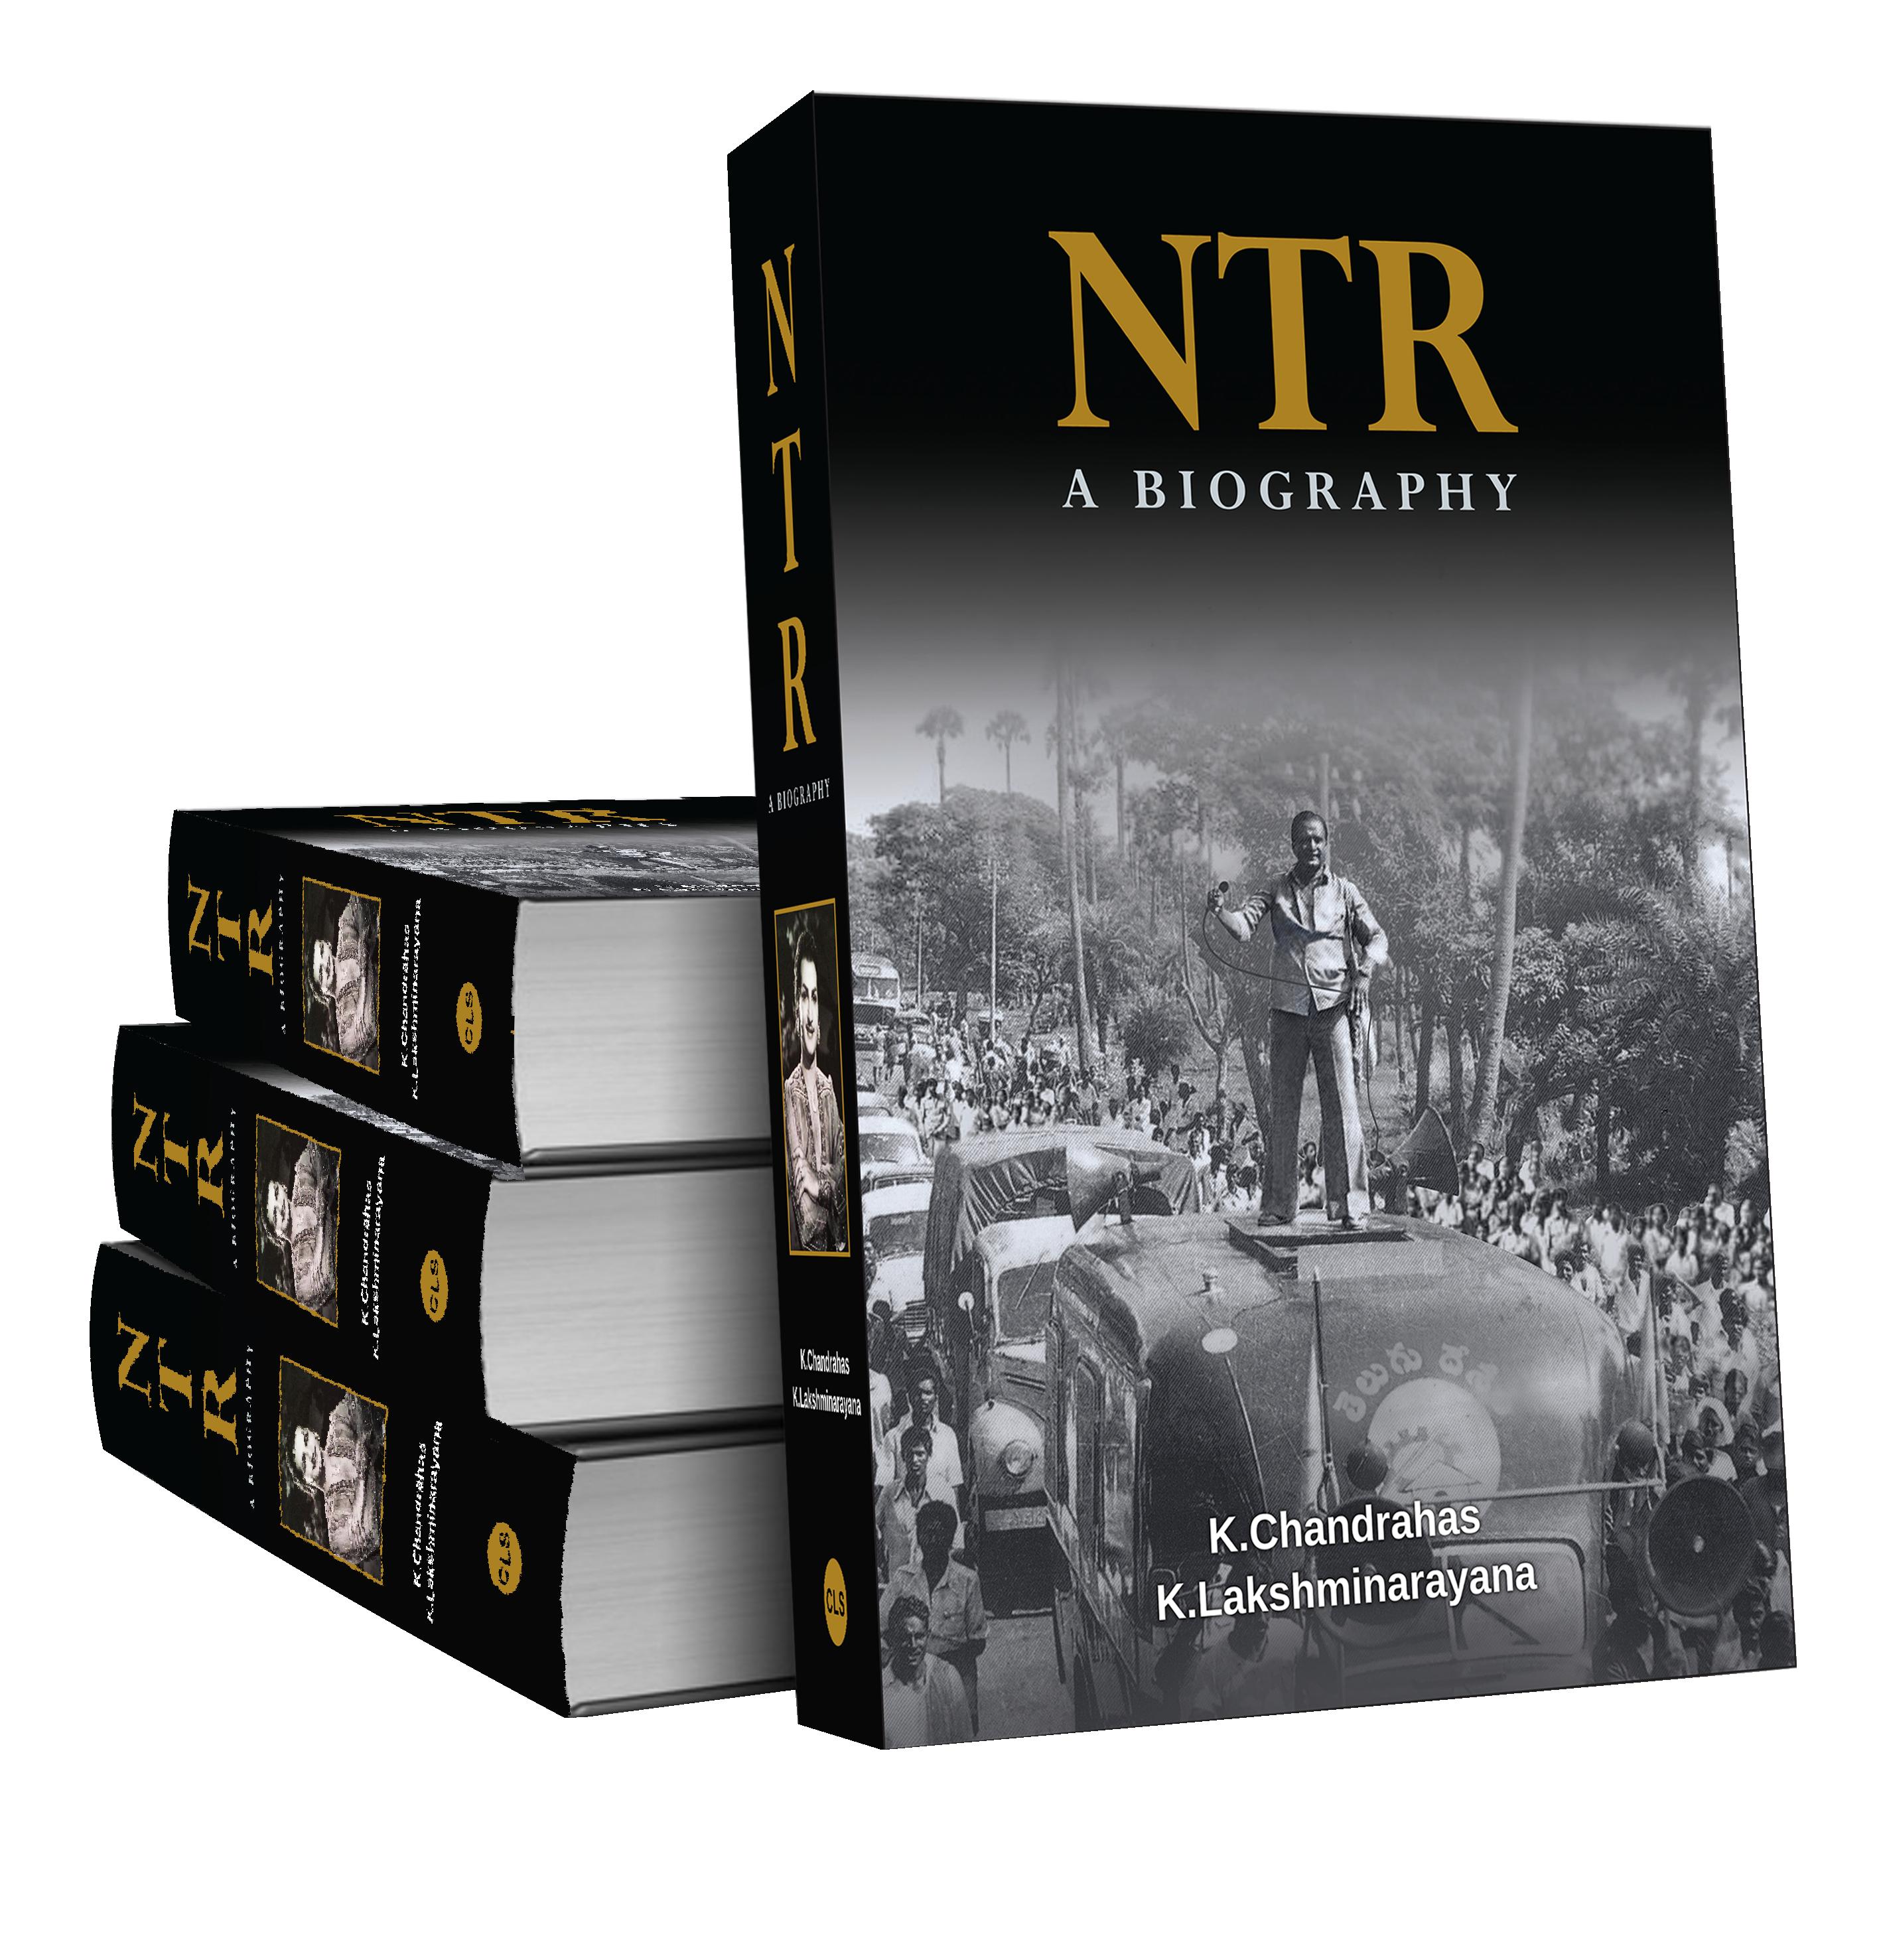 NTR-A-BIOGRAPHY-BOOK-SAMPLE